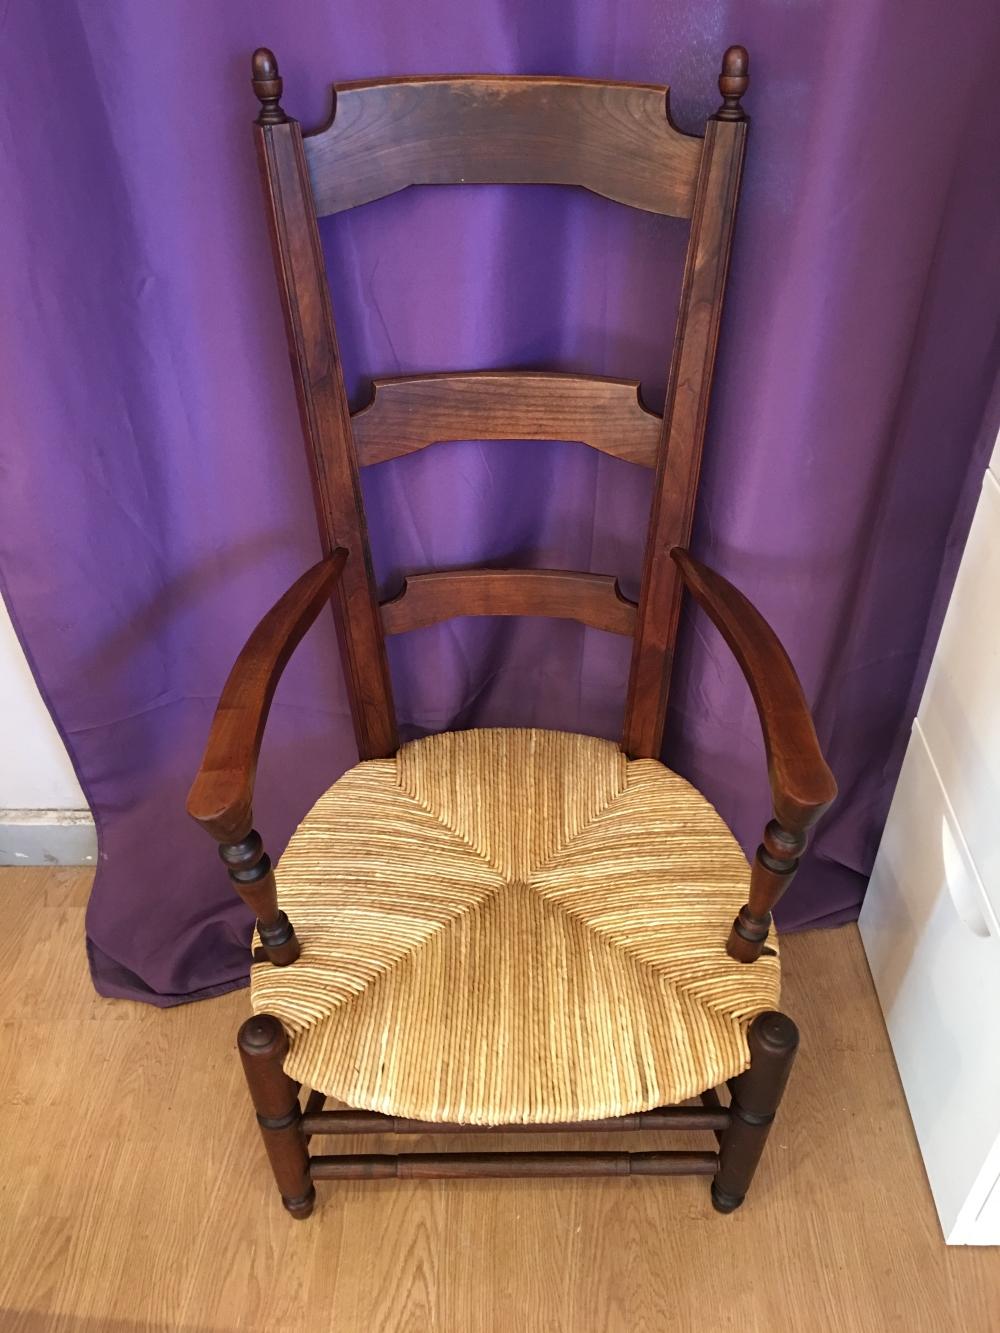 rempailleur de chaise a nimes gard. Black Bedroom Furniture Sets. Home Design Ideas